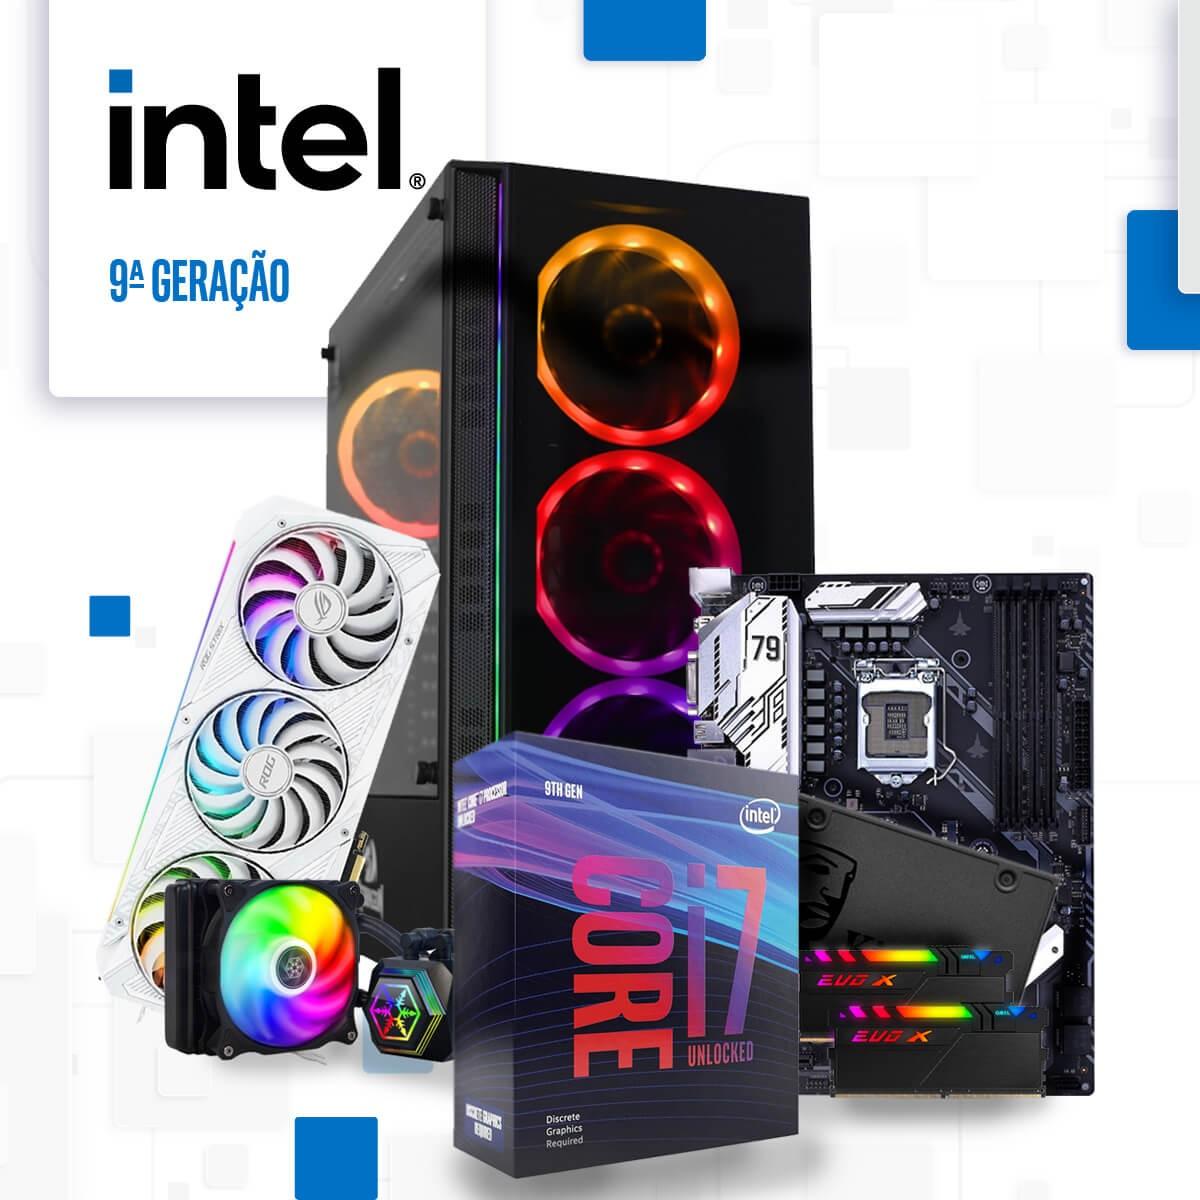 Monte Seu PC Gamer Plataforma Intel 9ª Geração LGA 1151 (FULL CUSTOM)